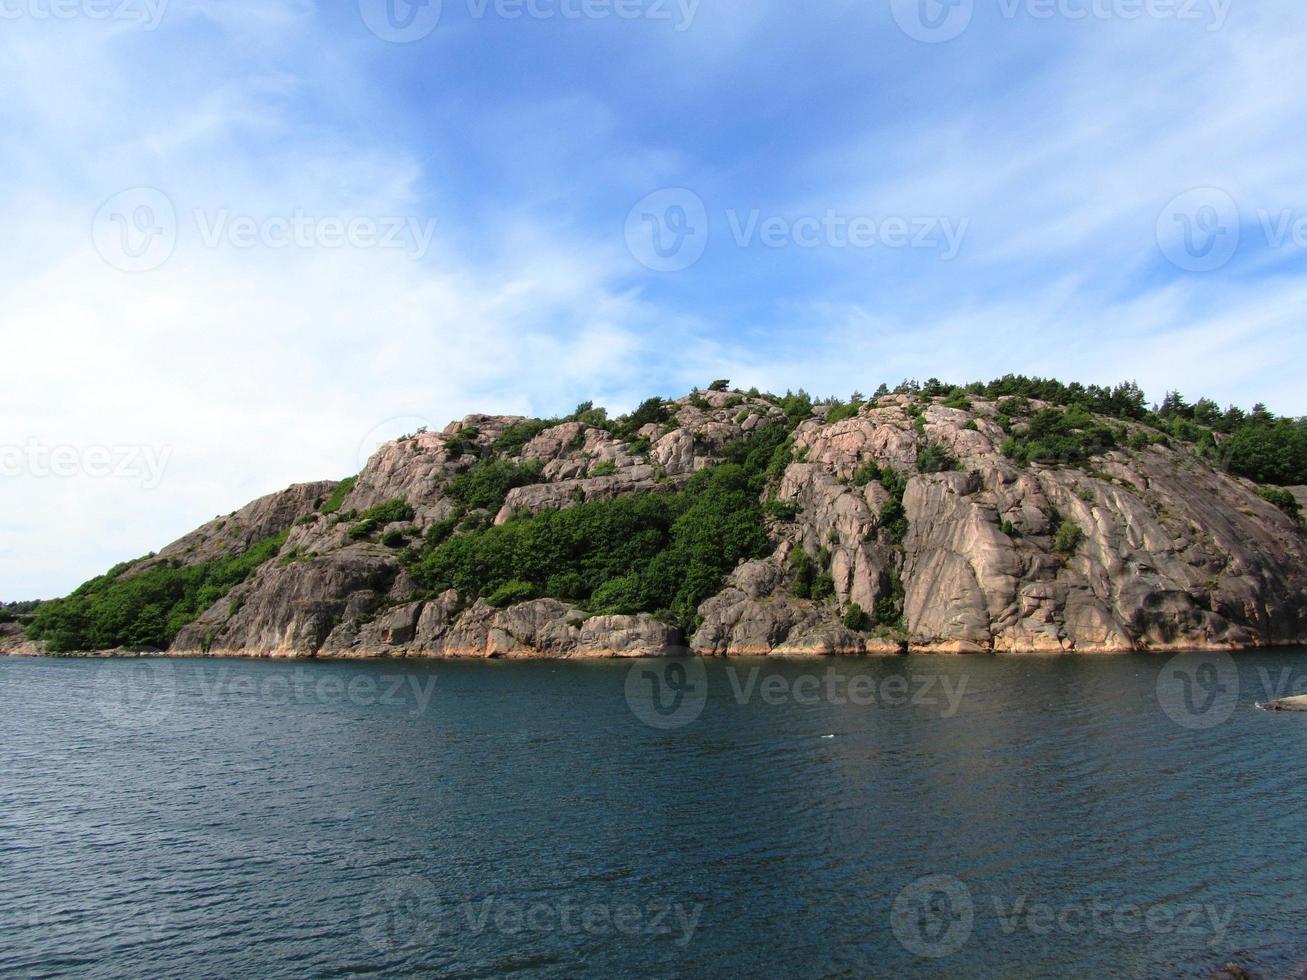 Suécia lago e madeira na solidão no verão foto